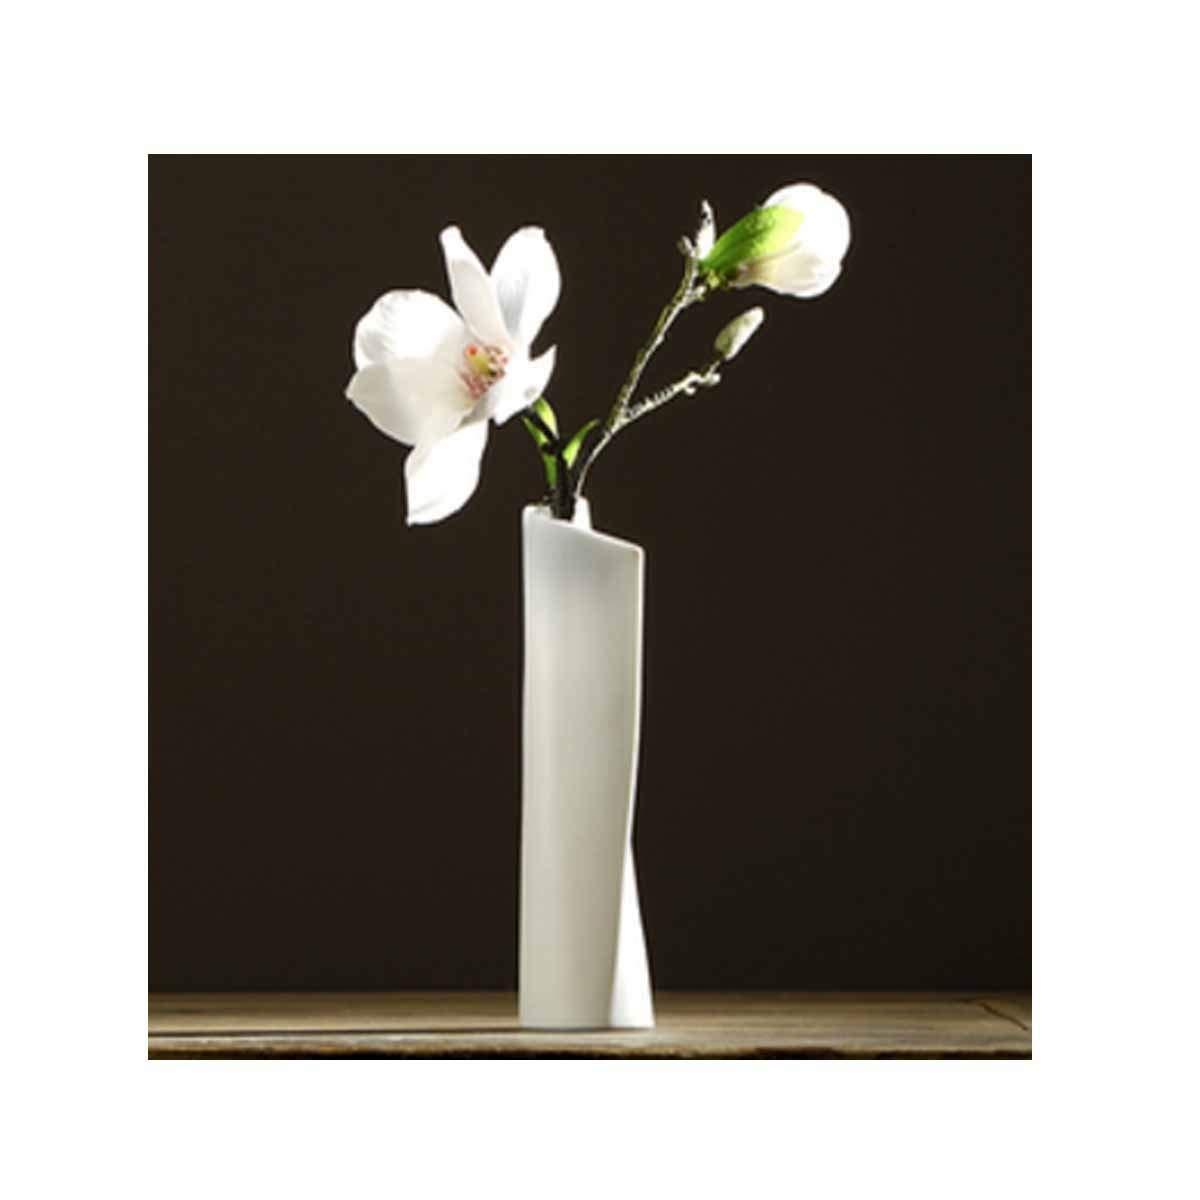 花瓶、新しい中国のセラミック花瓶、シンプルな家の居間のオフィスの装飾花瓶の装飾、白 (Color : White 3) B07RV5QVKN White 3